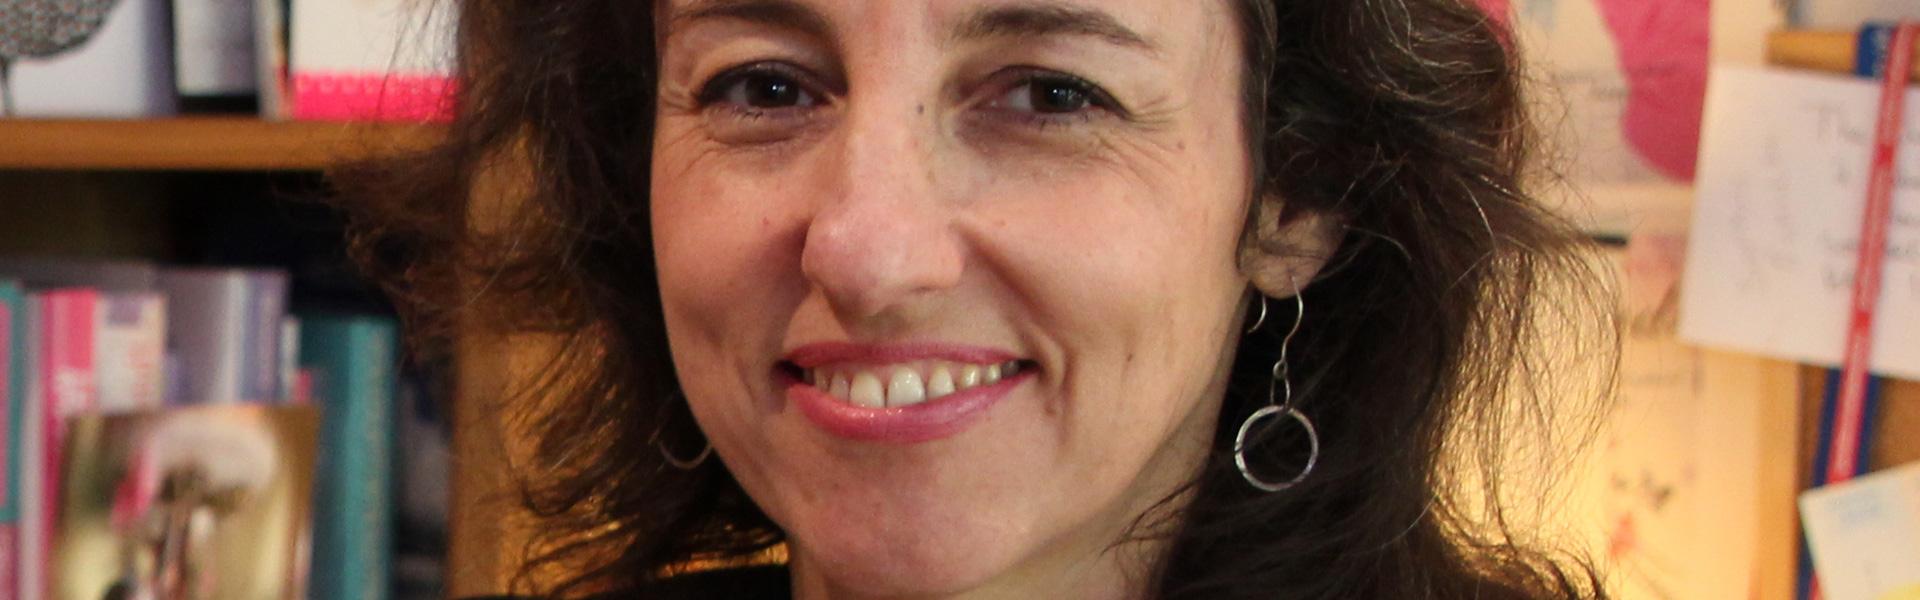 Sophia Bennett: Plotting Stories with Post-It Notes